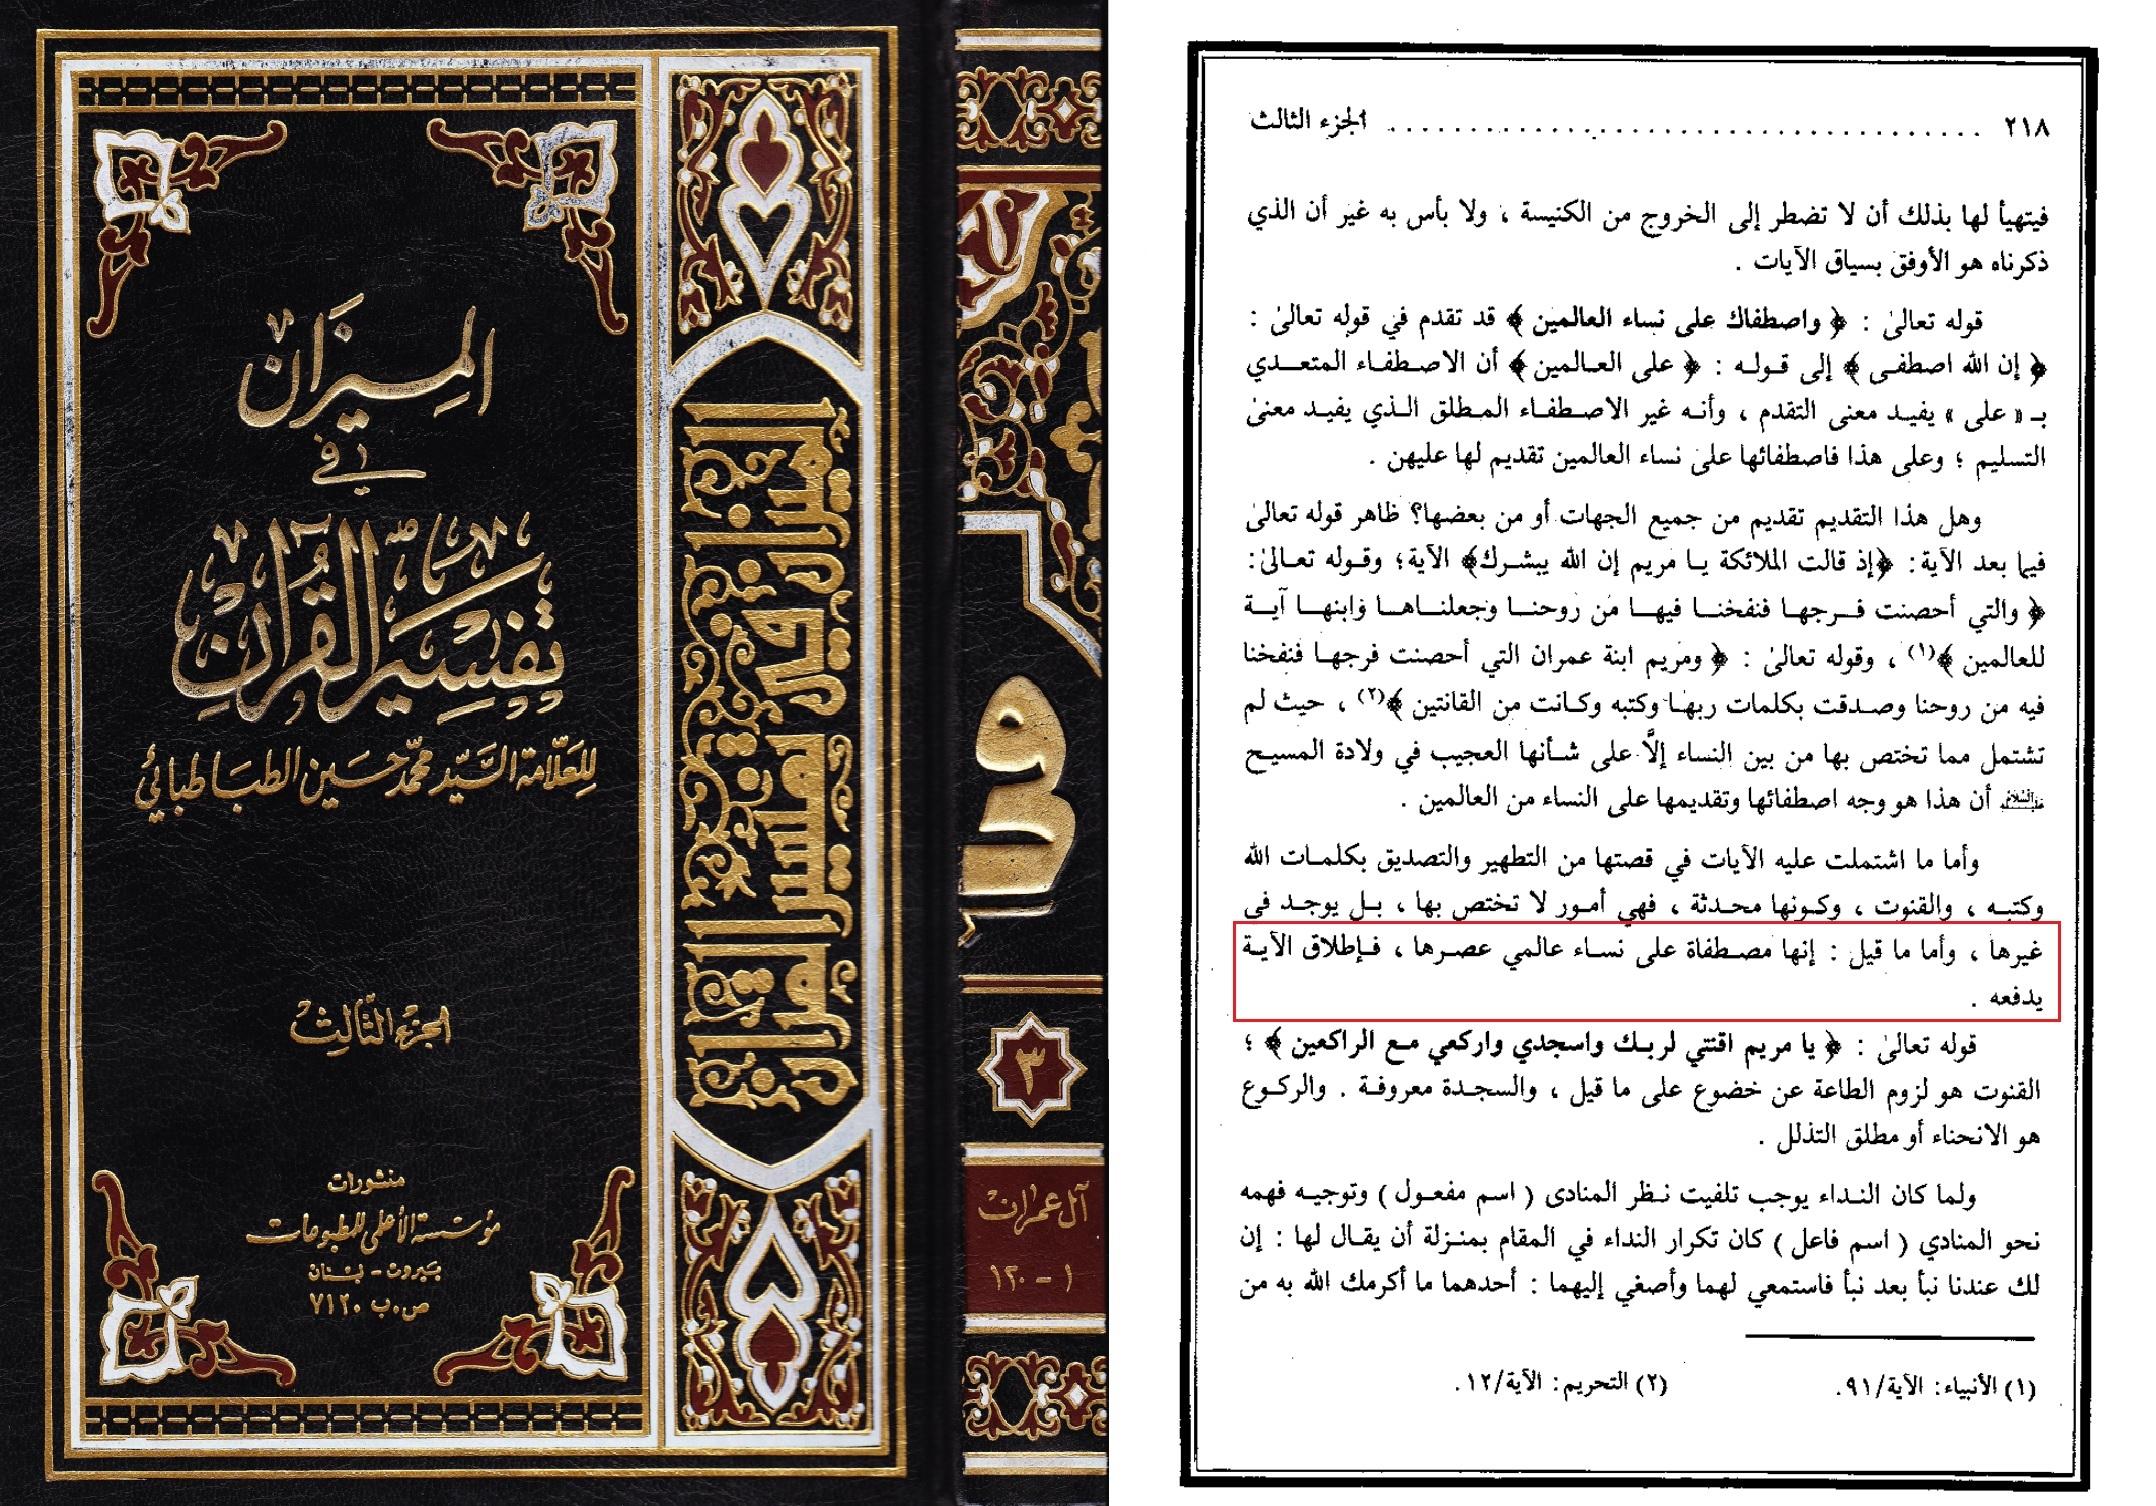 Tafsir-e Mizan B 3 S 218